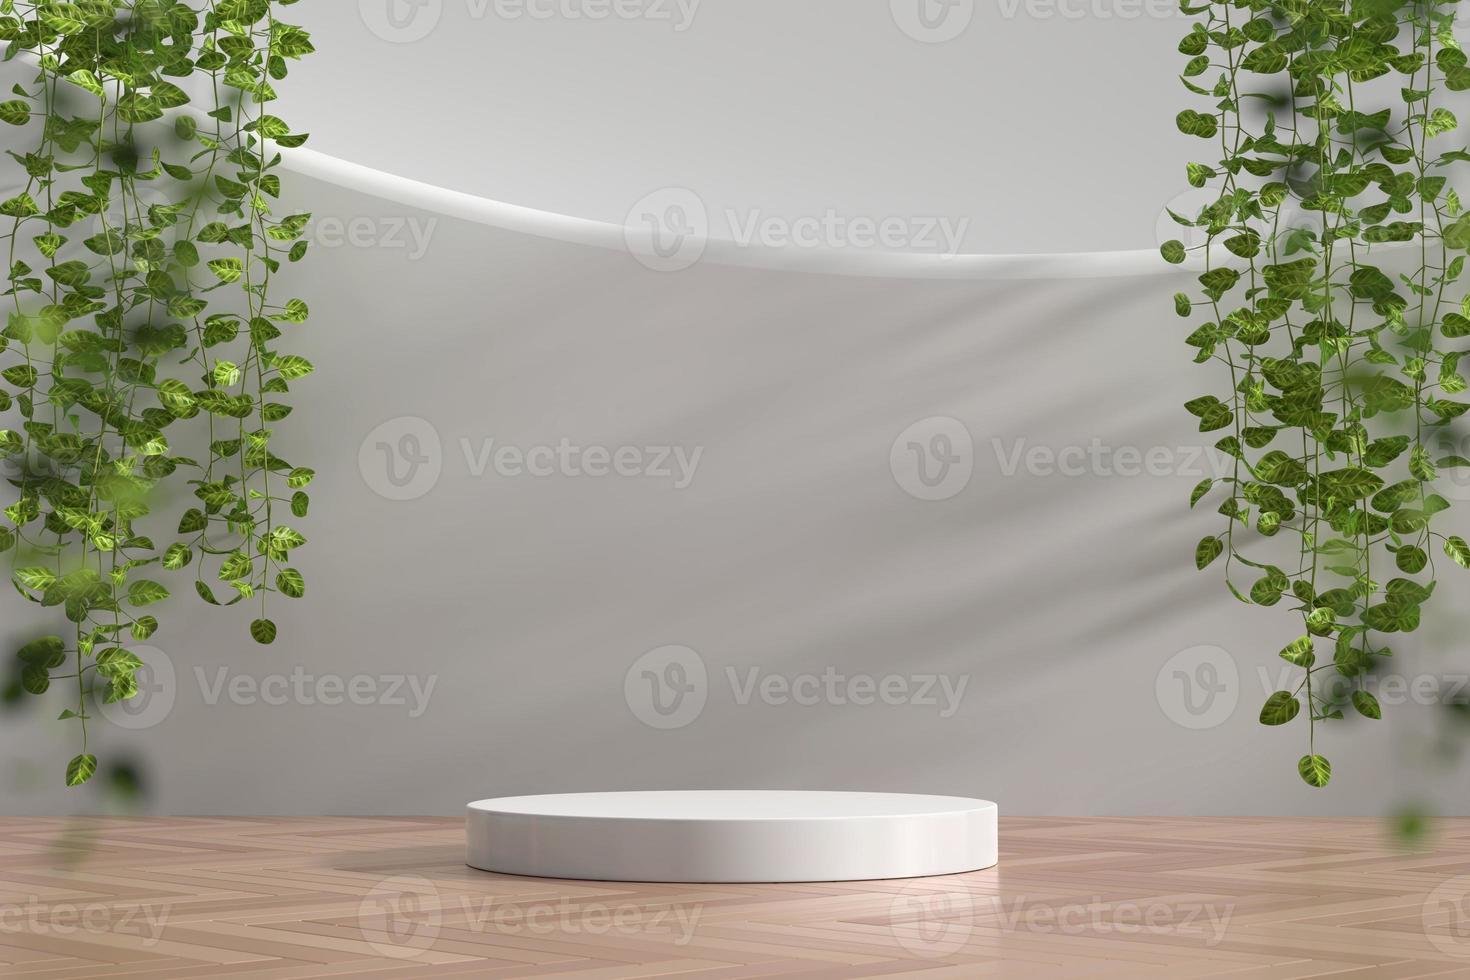 Escaparate de podio blanco abstracto para exhibición de productos con hiedra, render 3d foto